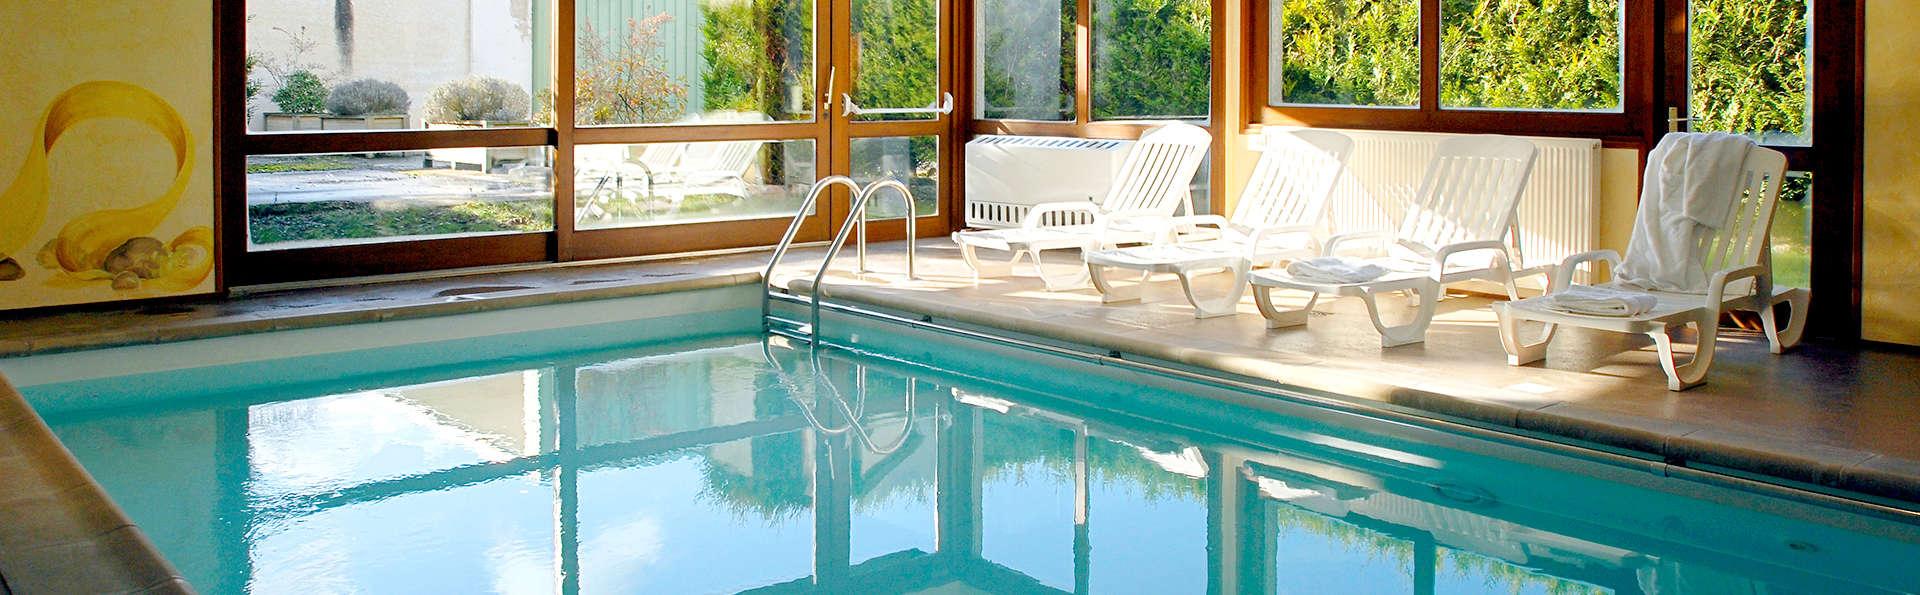 wellnessweekend romilly sur seine met toegang tot de spa. Black Bedroom Furniture Sets. Home Design Ideas